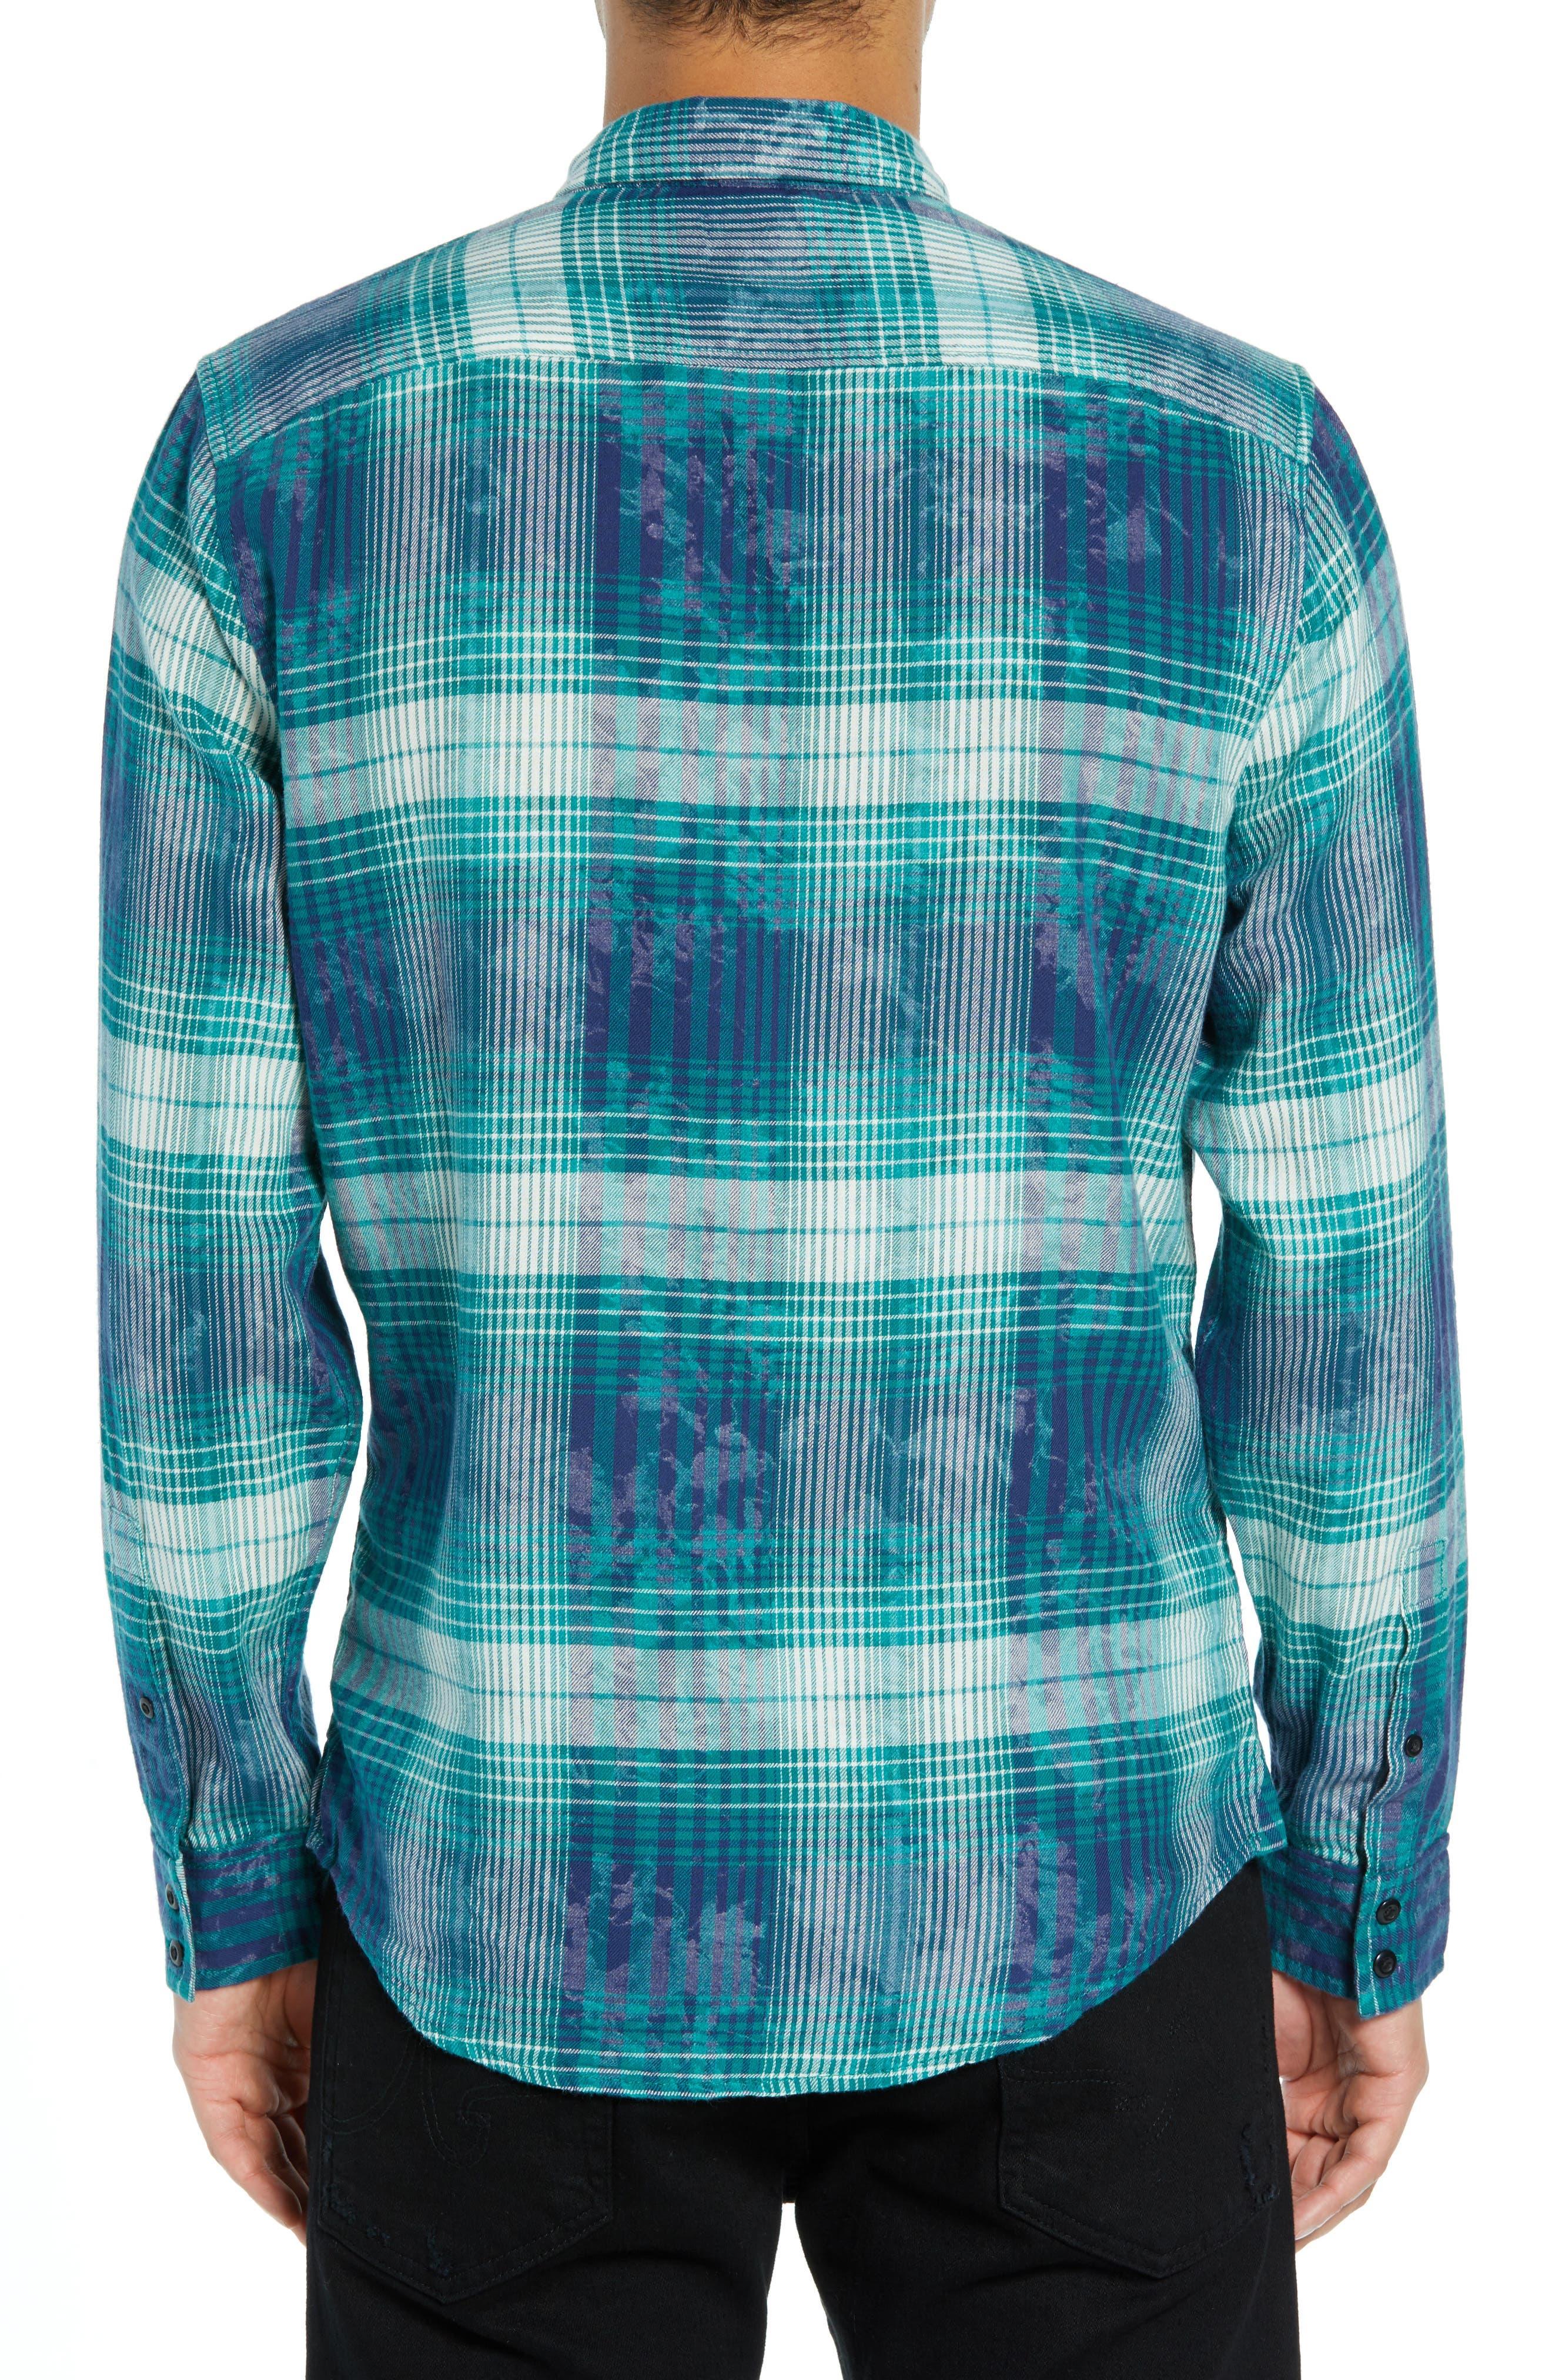 Beach Plaid Shirt,                             Alternate thumbnail 3, color,                             449